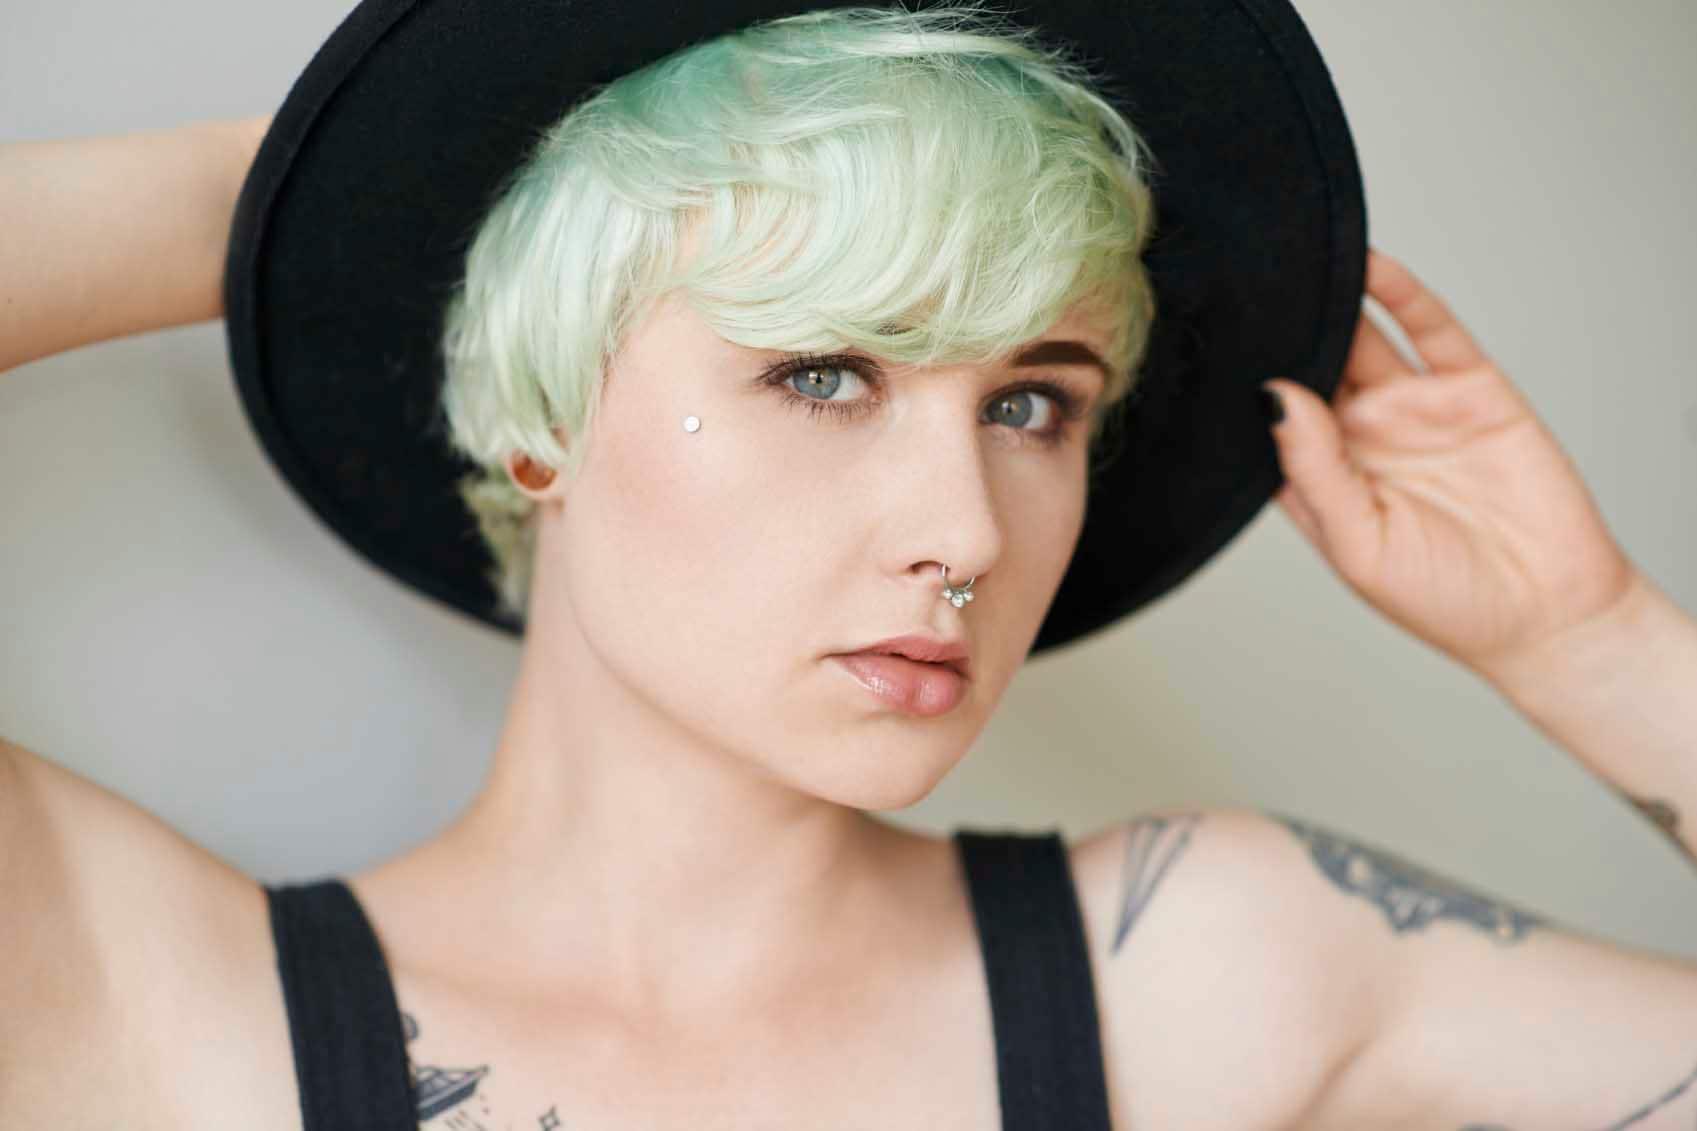 pelo color verde tintura fantasía pixie flequillo sombrero accesorio